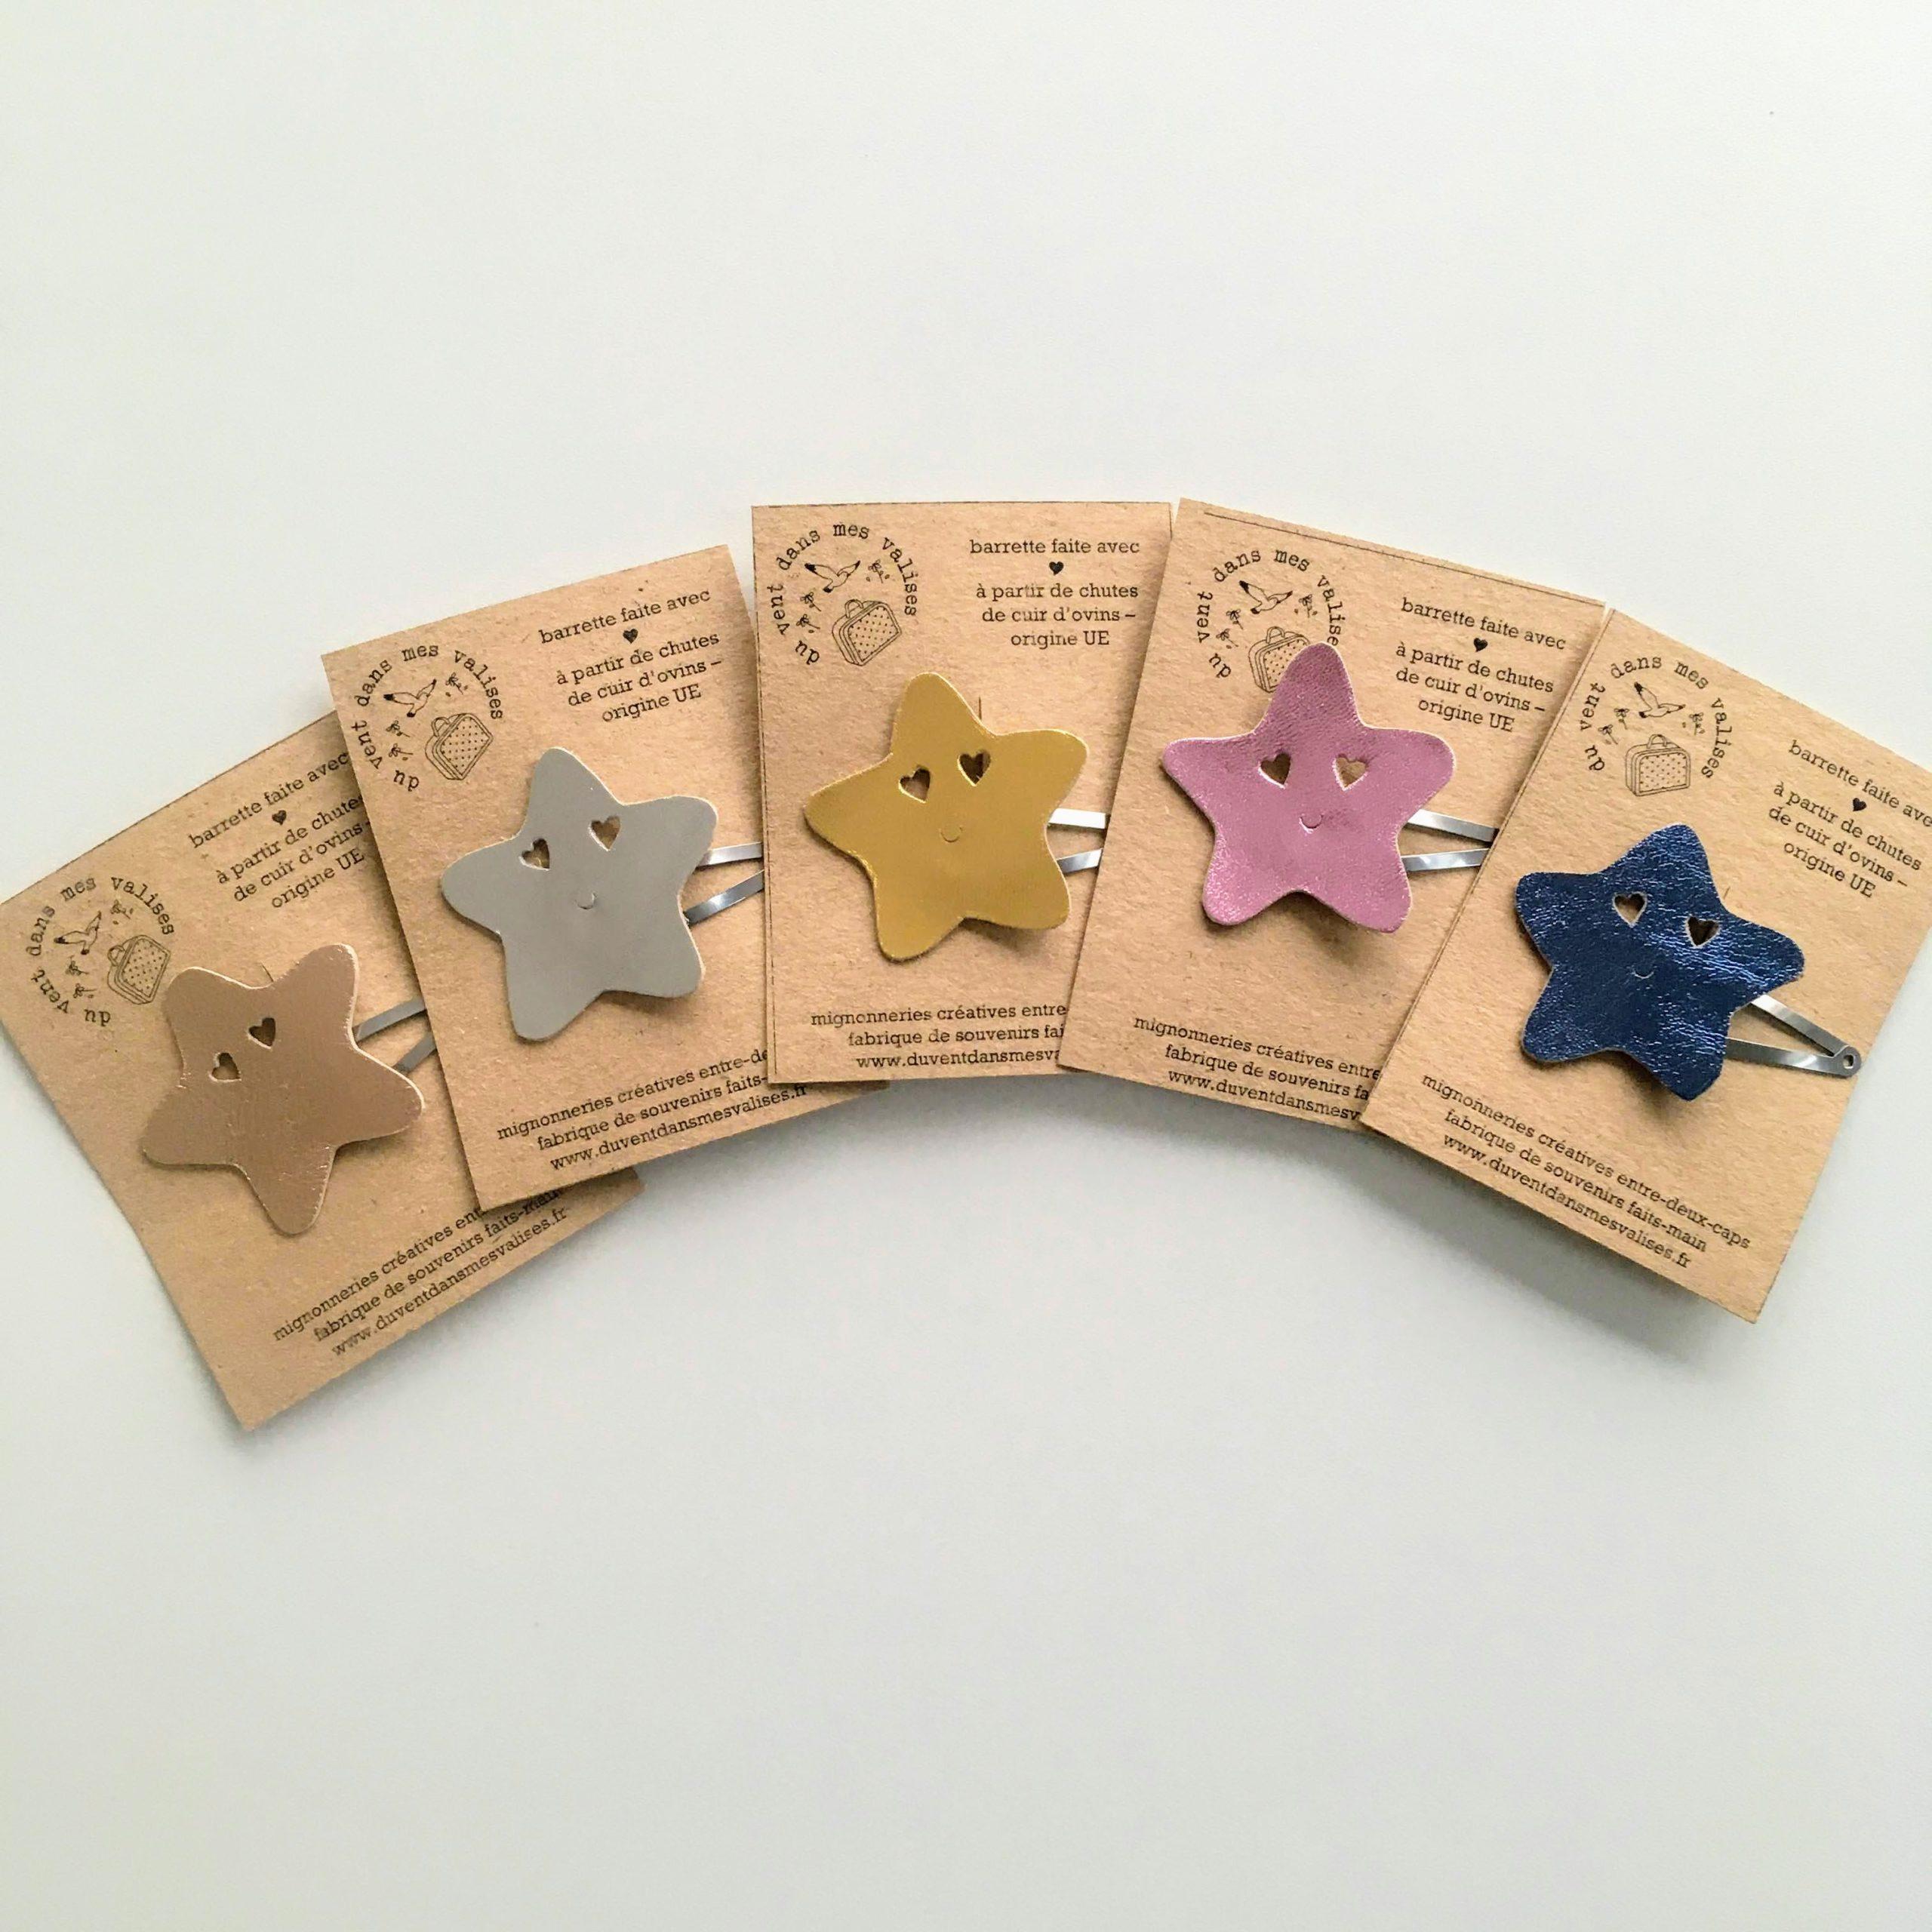 barrettes étoile rose cuir made in France - du vent dans mes valises